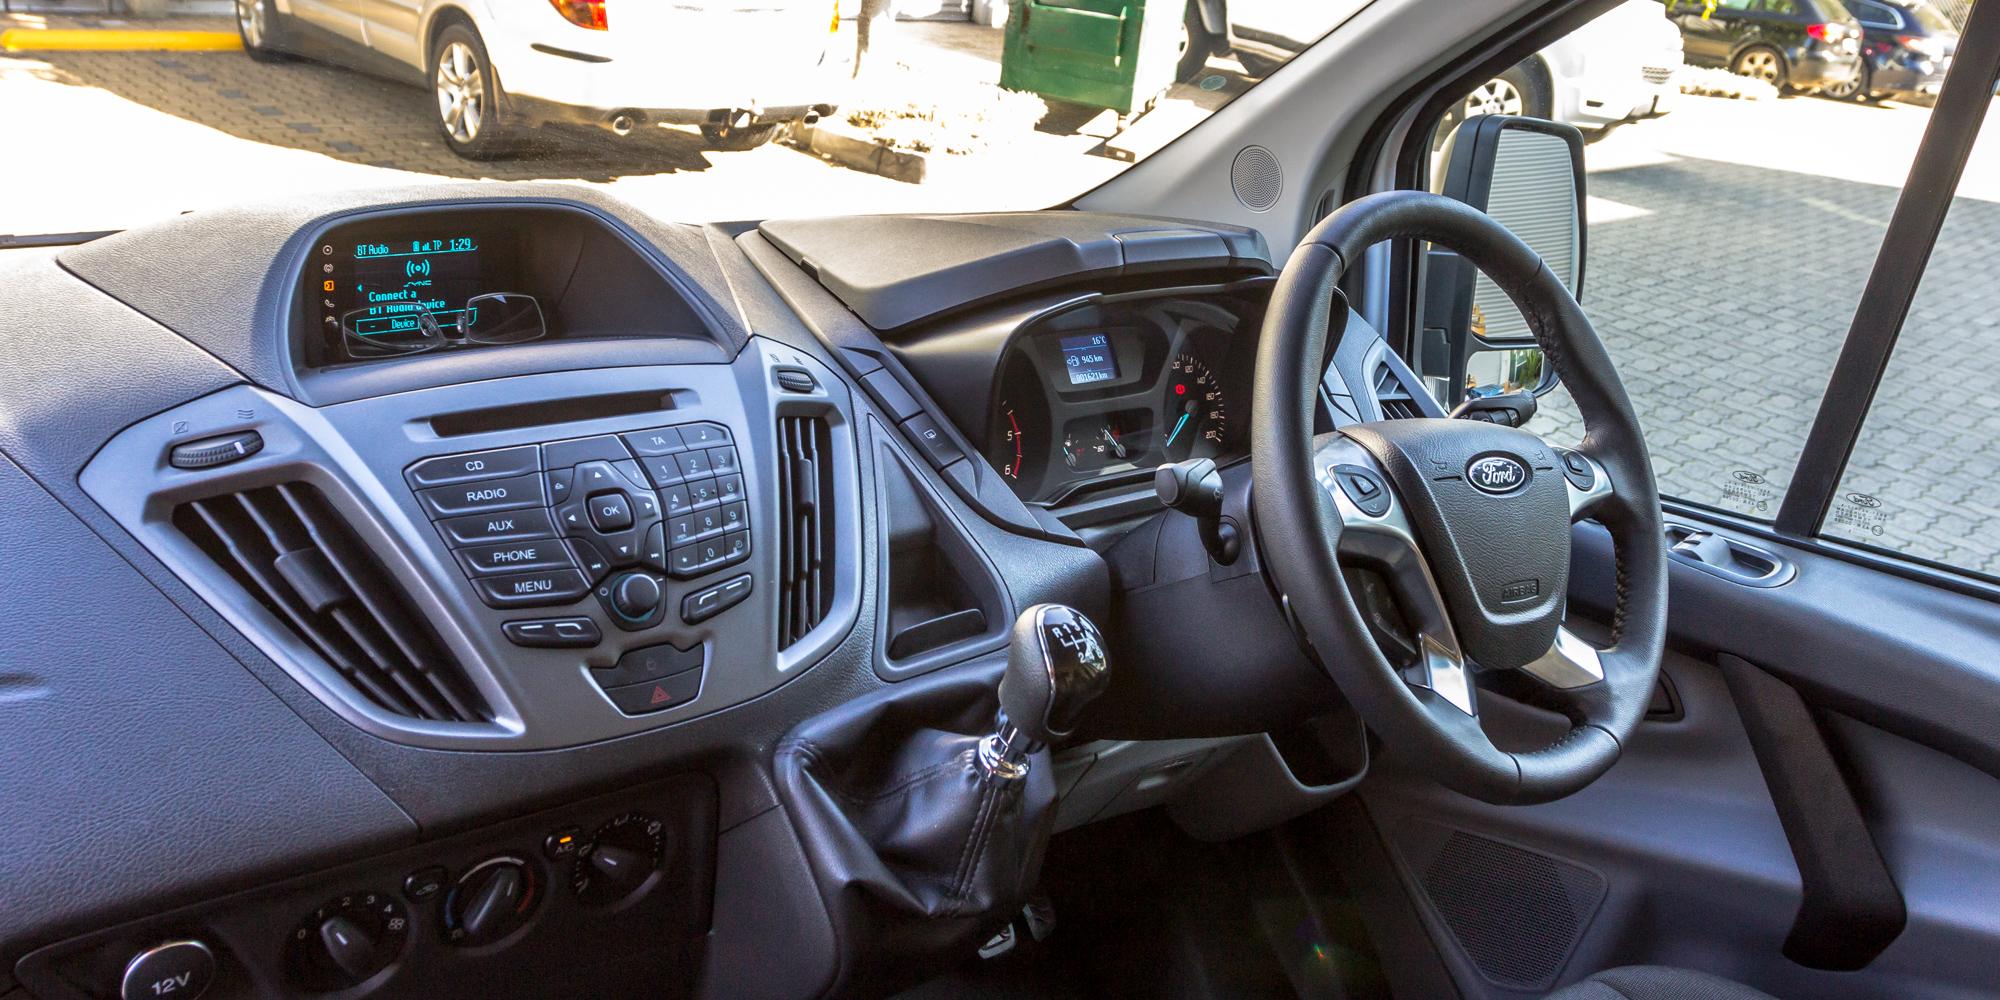 Ford Transit Custom v Renault Trafic: Medium van comparison